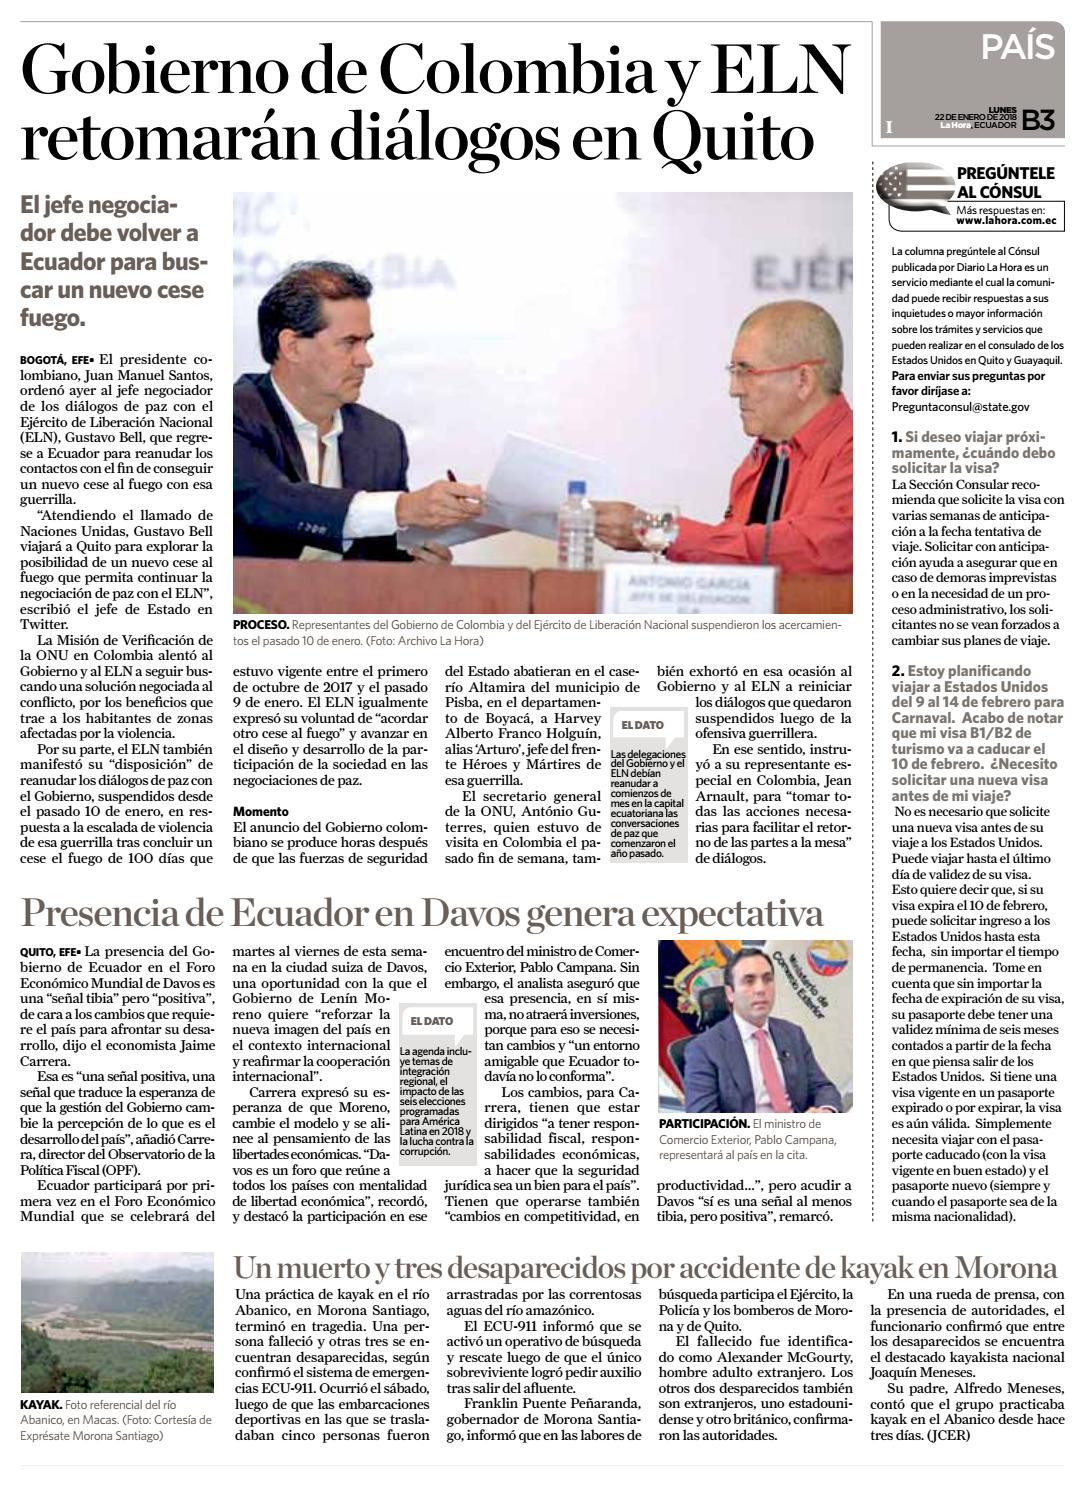 Diario La Hora Loja 22 de Enero 2018 by Diario La Hora Ecuador - issuu